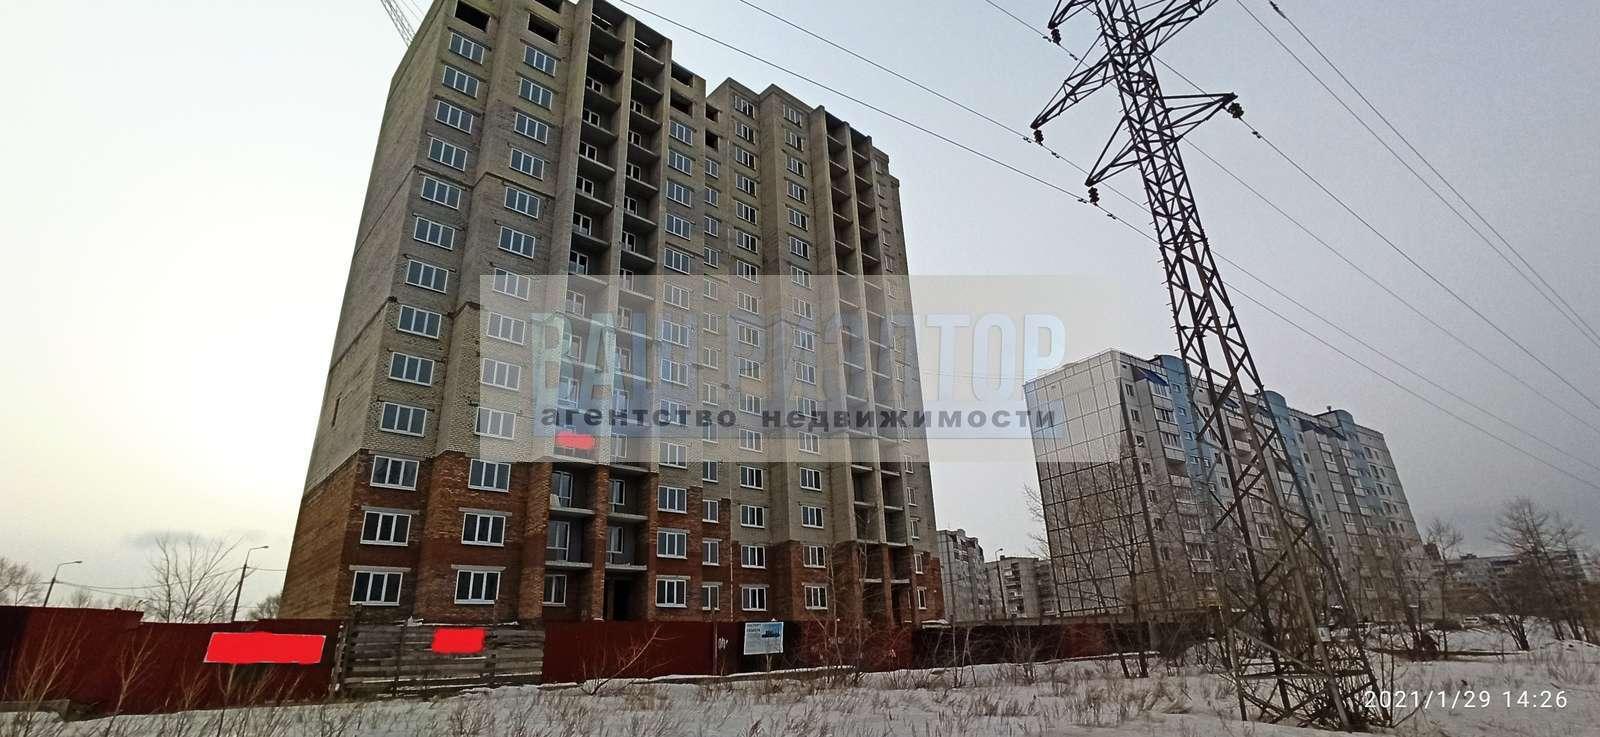 Продажа 1-комнатной новостройки, г. Тольятти, Гидротехническая улица  дом 24В